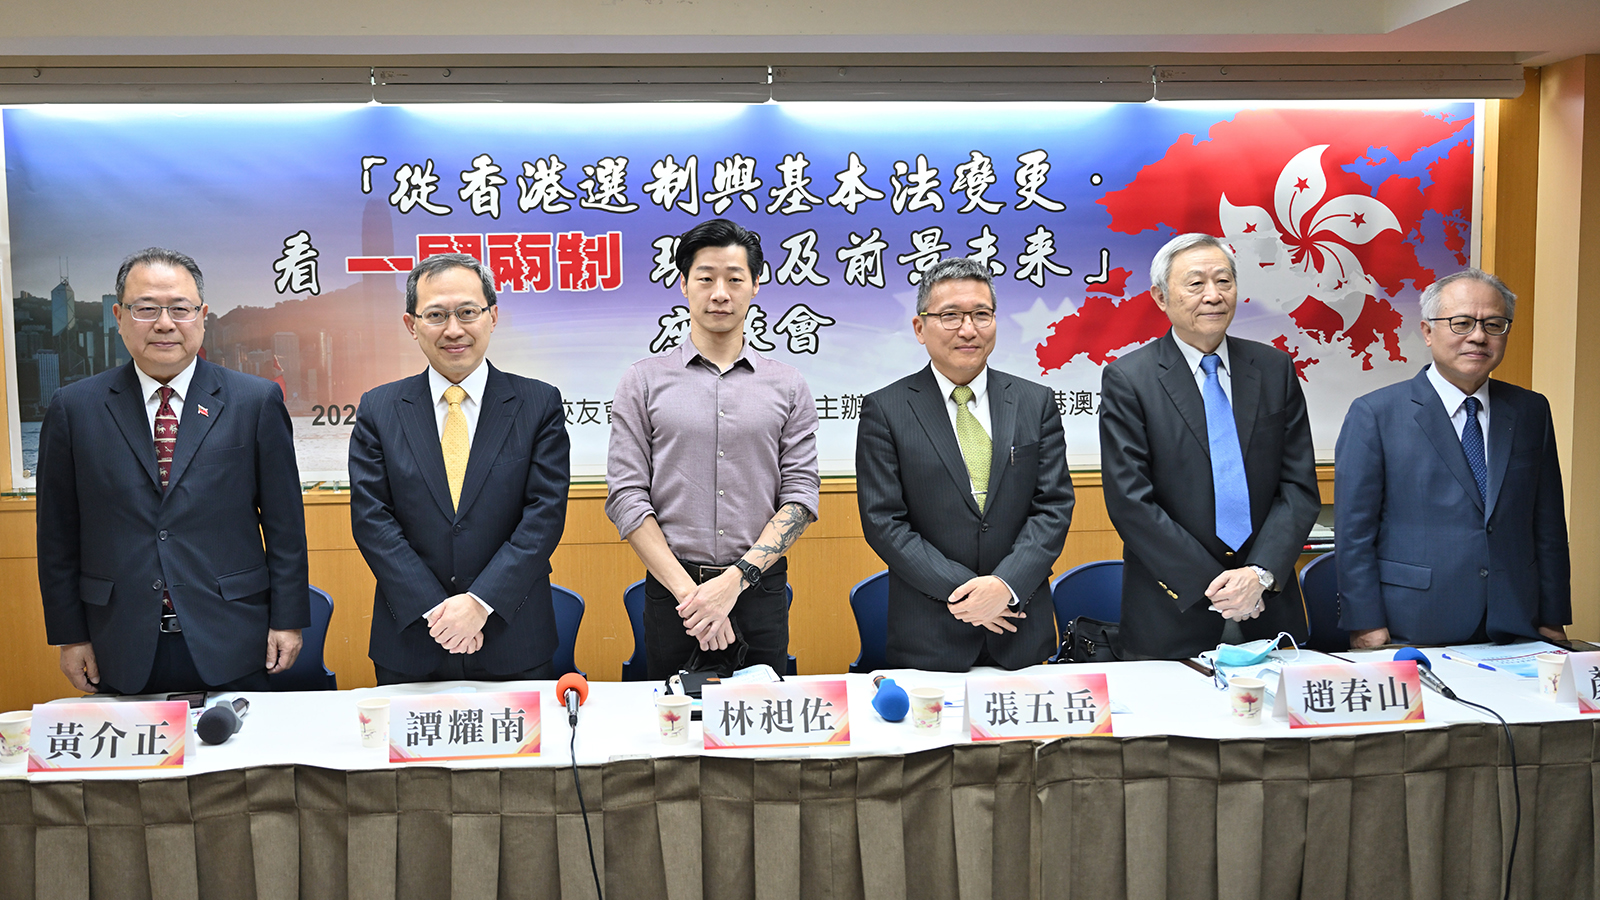 2021年3月15日,中华港澳之友协会举办「从香港选制与基本法变更,看一国两制现况及前景未来」座谈会。(锺广政 摄)